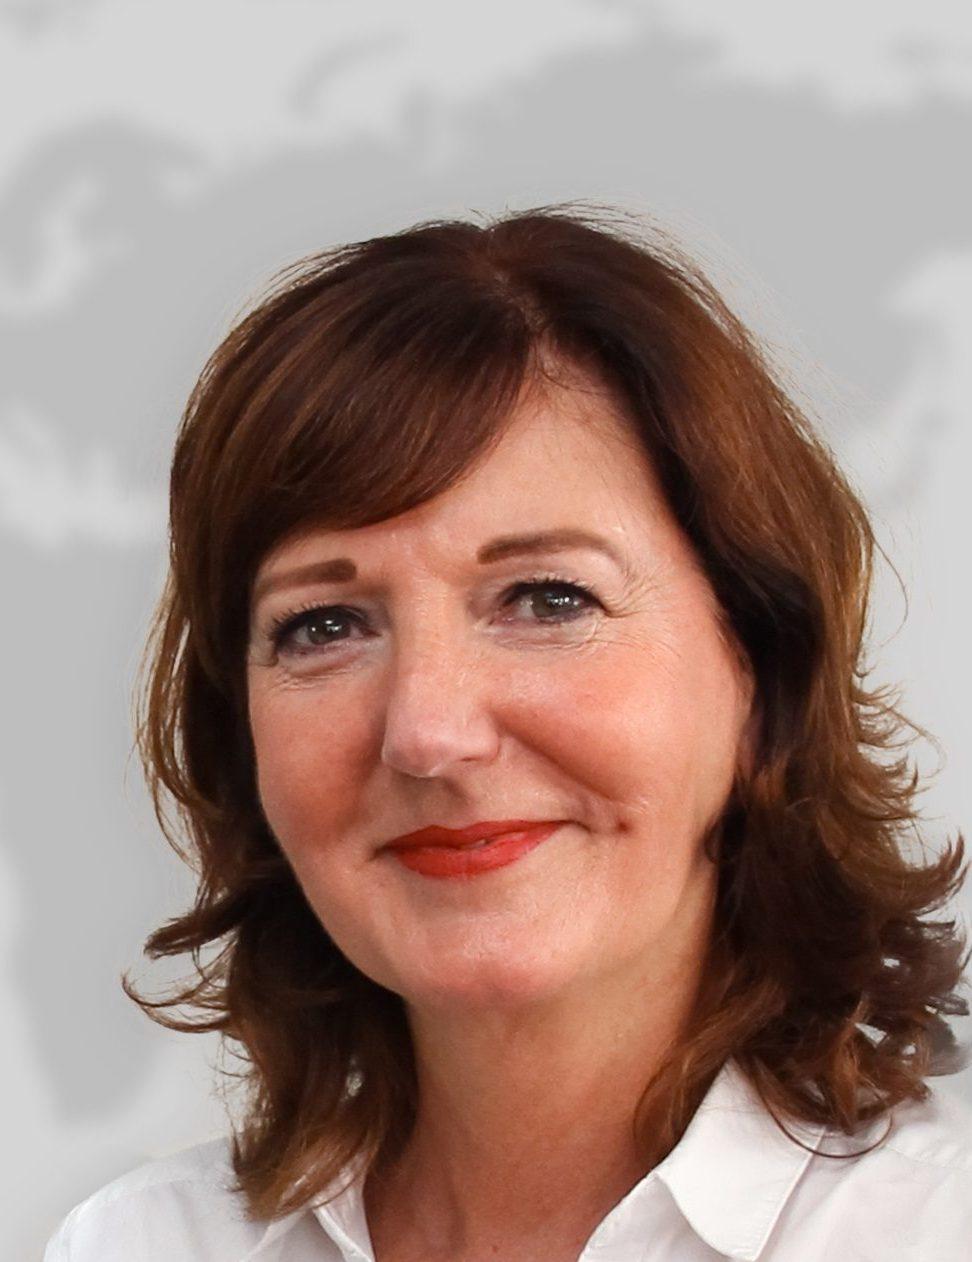 Martina Dinslage